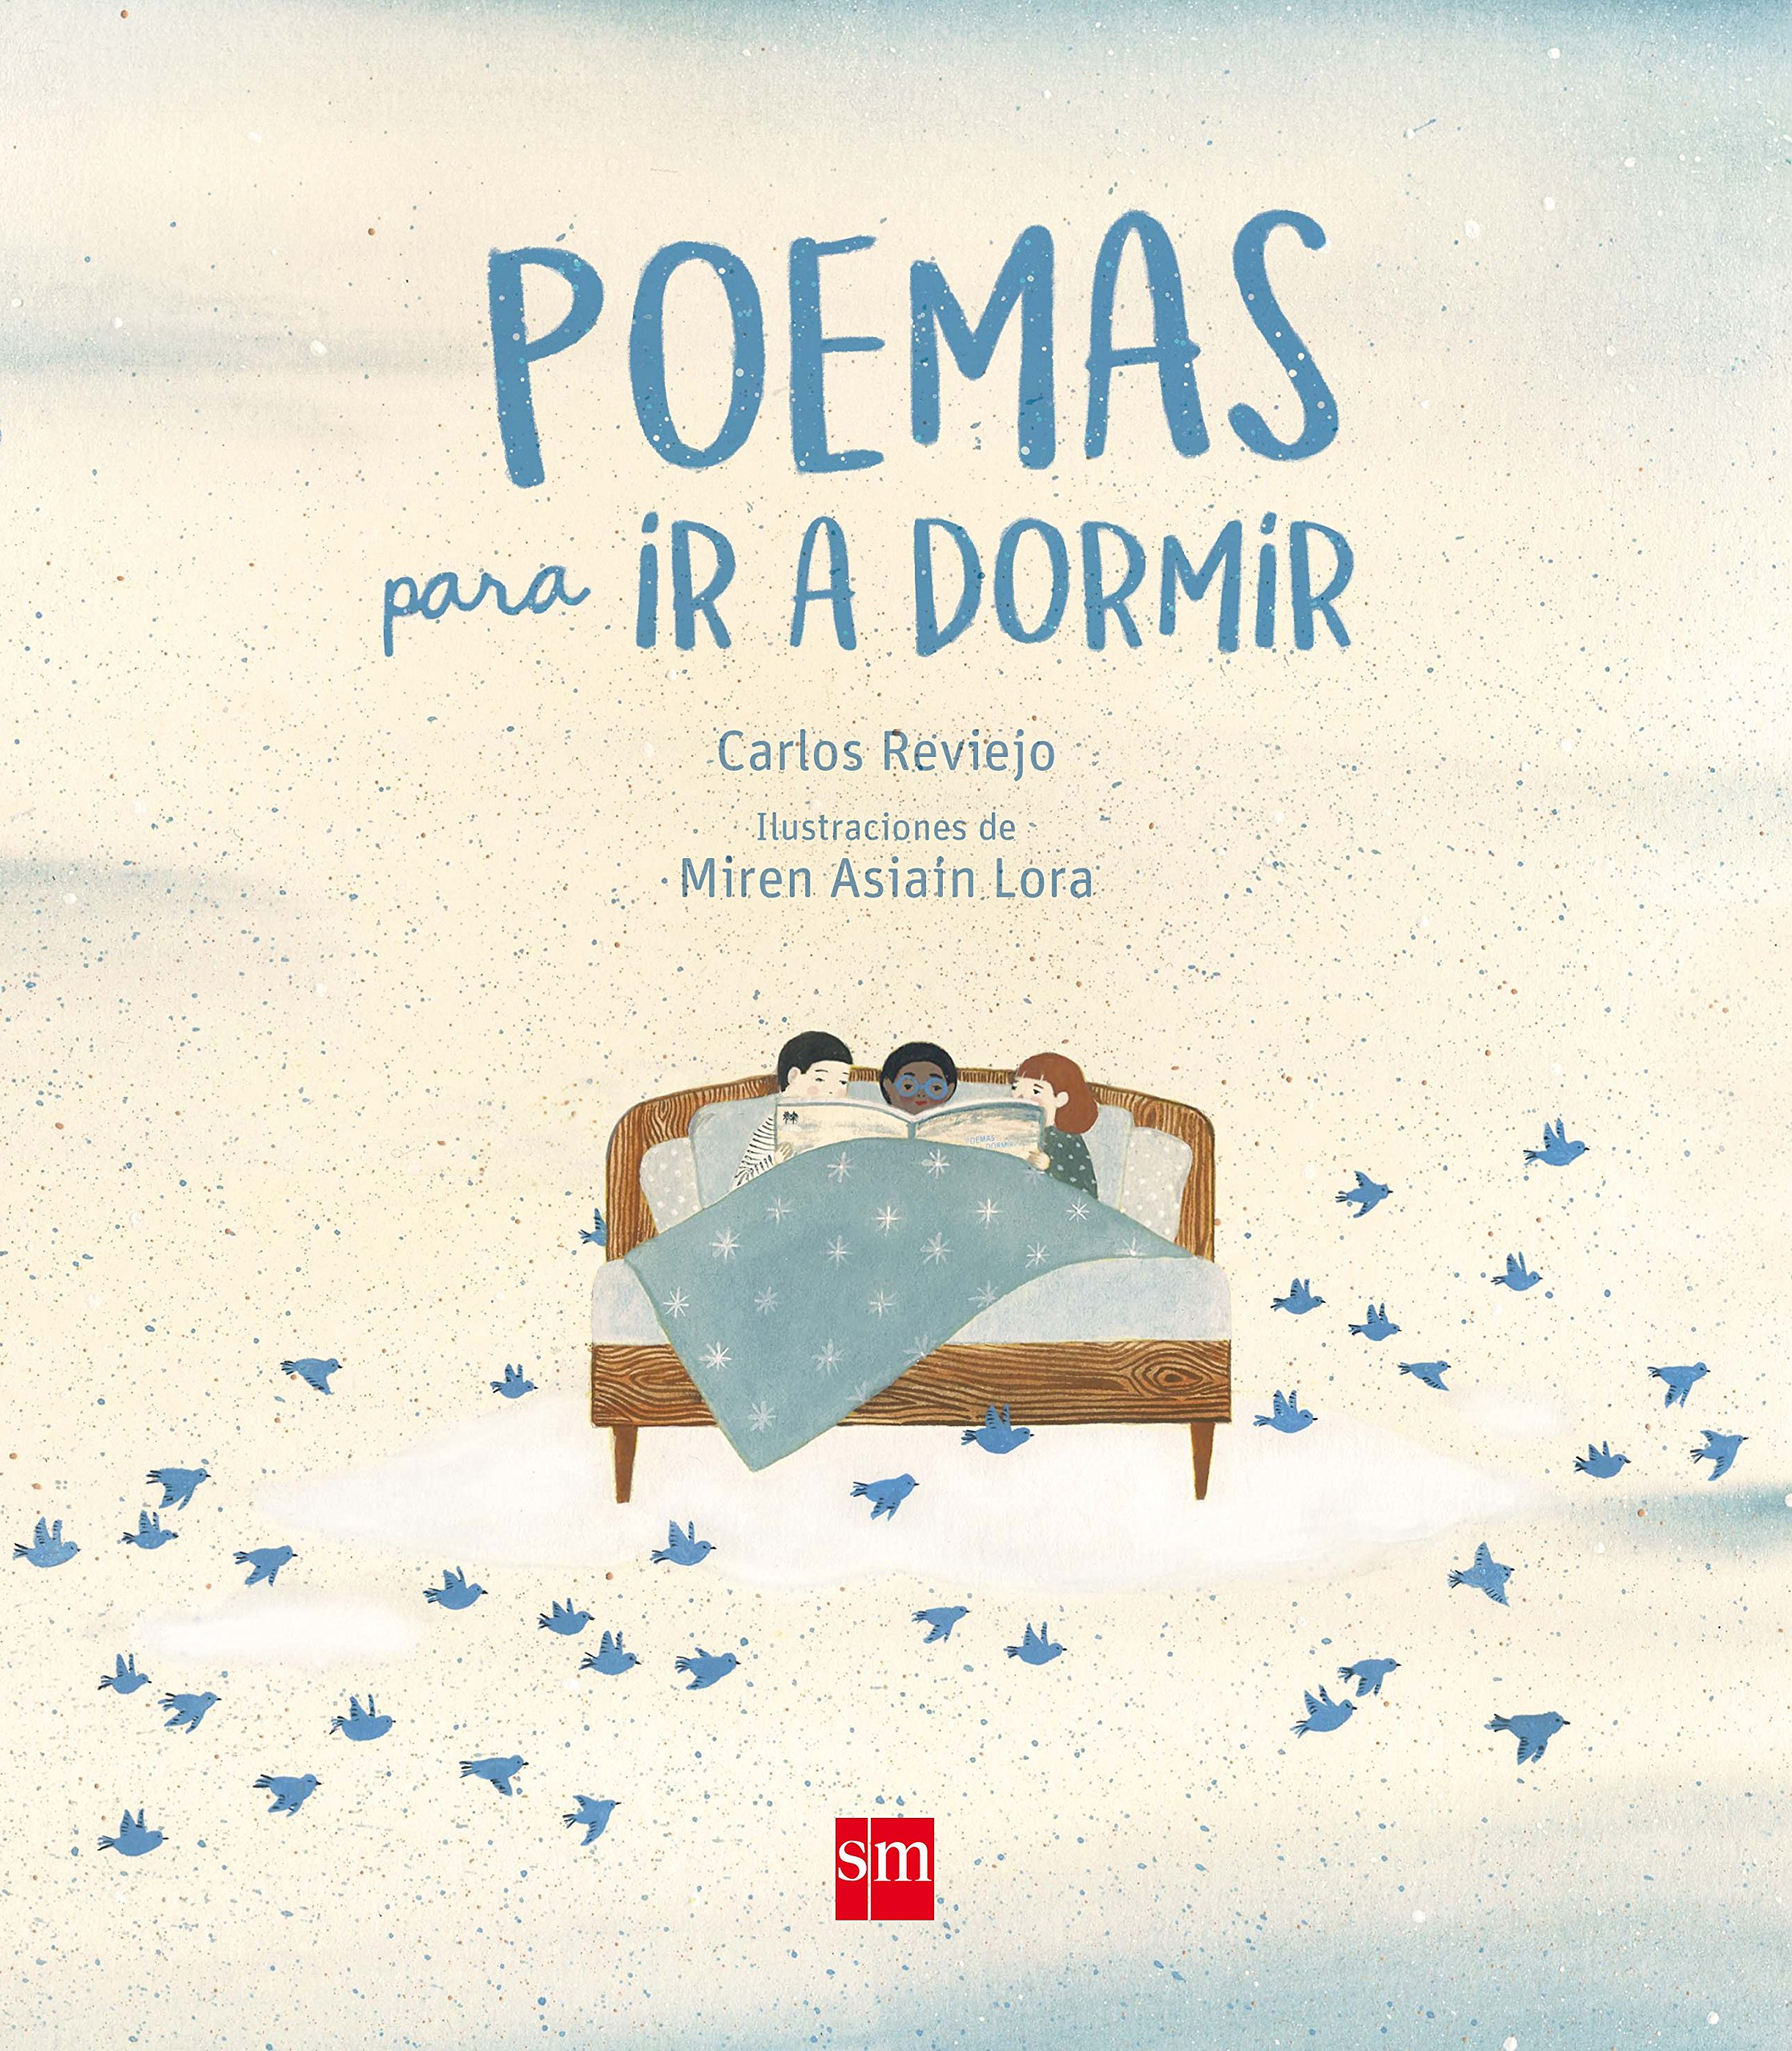 Poemas para ir a dormir (Álbumes ilustrados): Amazon.es: Reviejo, Carlos, Asiain Lora, Miren: Libros